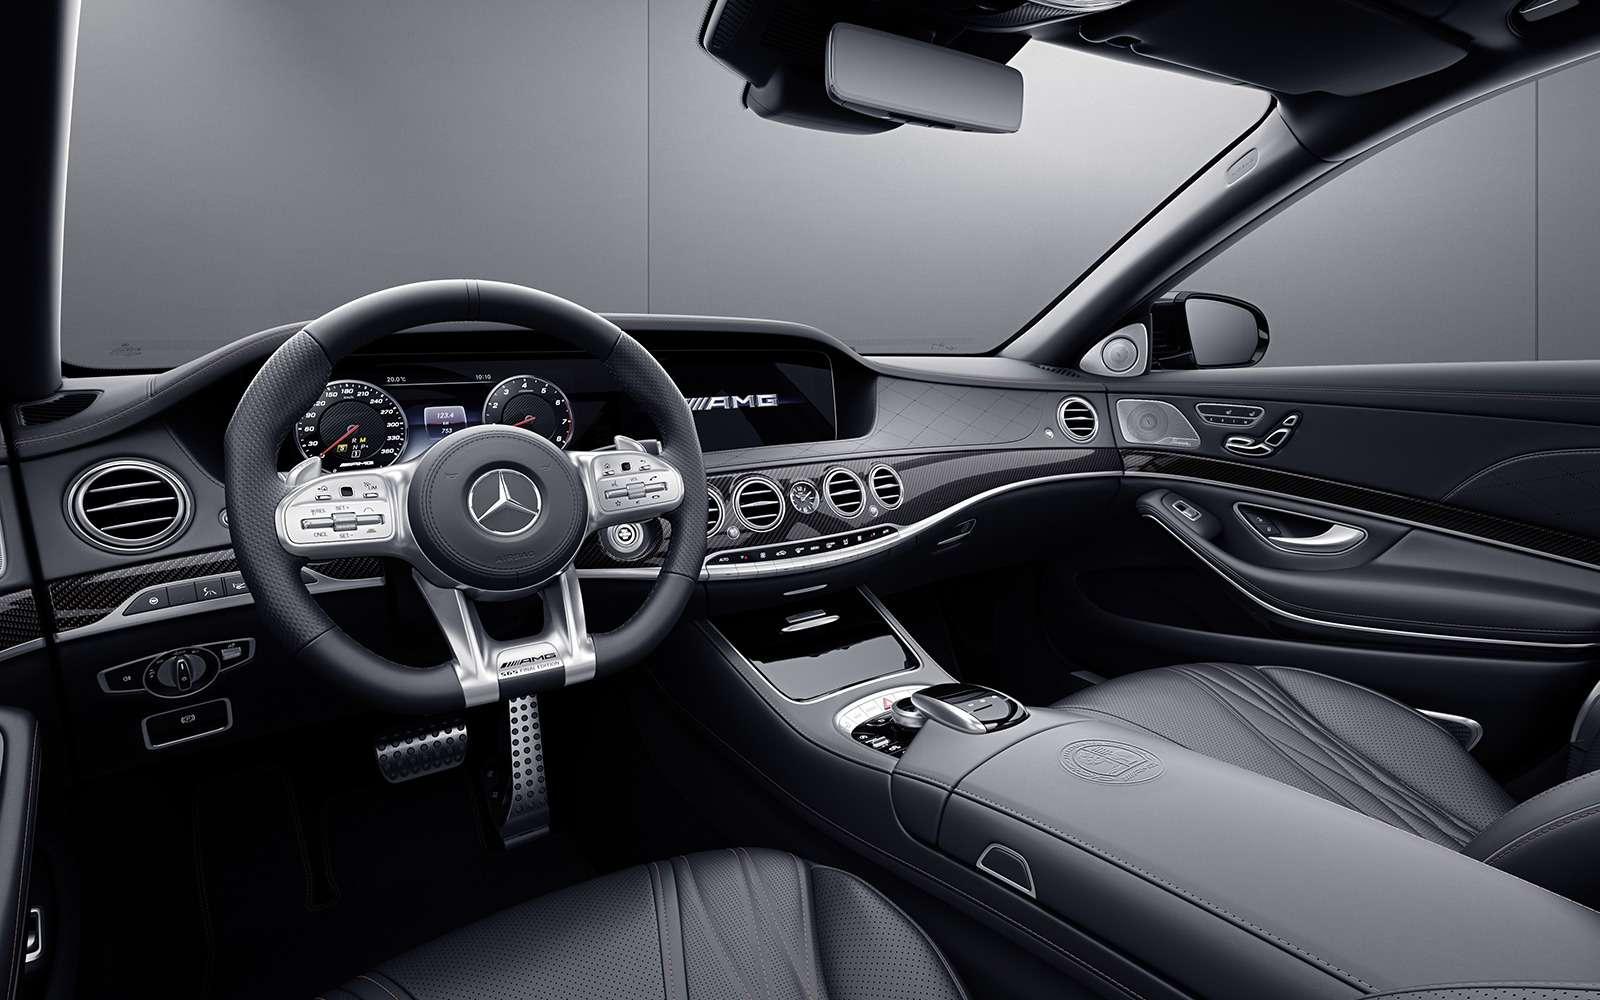 Mercedes-AMG простился сдвигателем V12 спецсерией S-класса— фото 954098